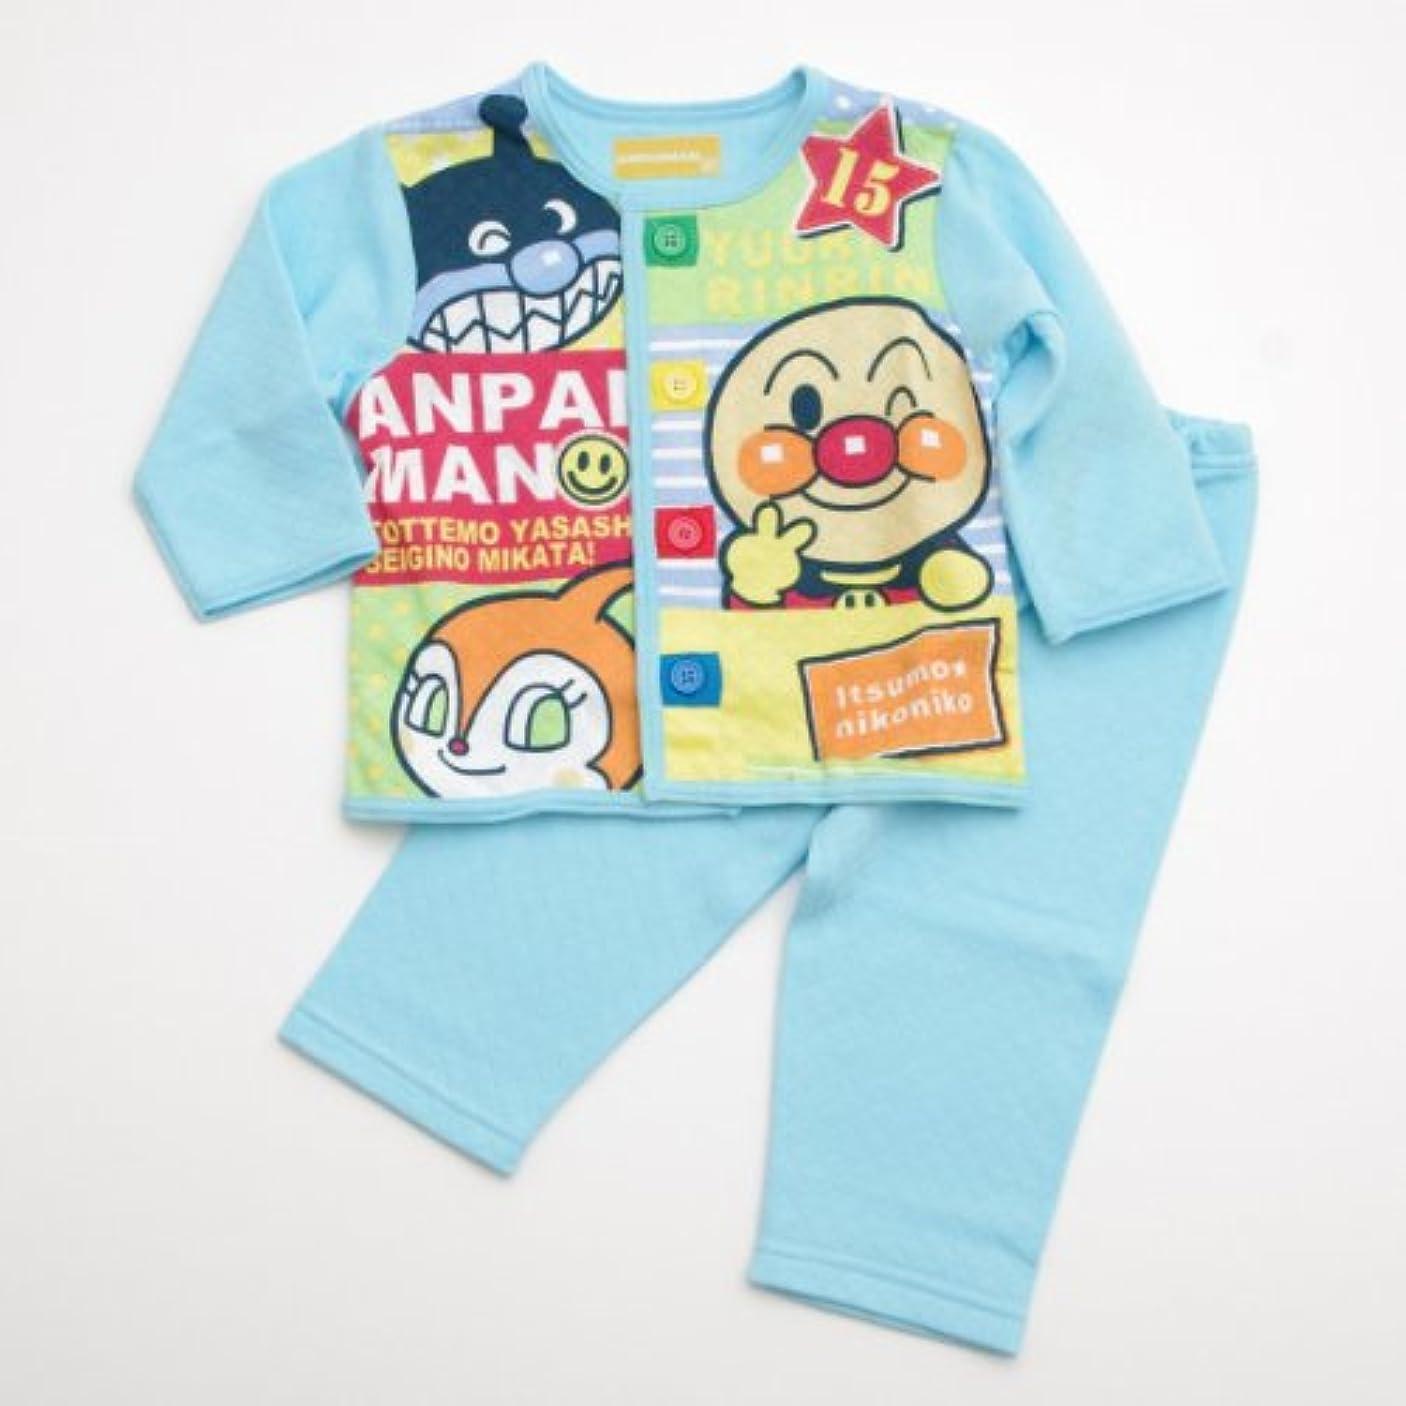 汗普遍的ななぜならアンパンマン!お着替え練習長袖パジャマ ブルー(EA2307)